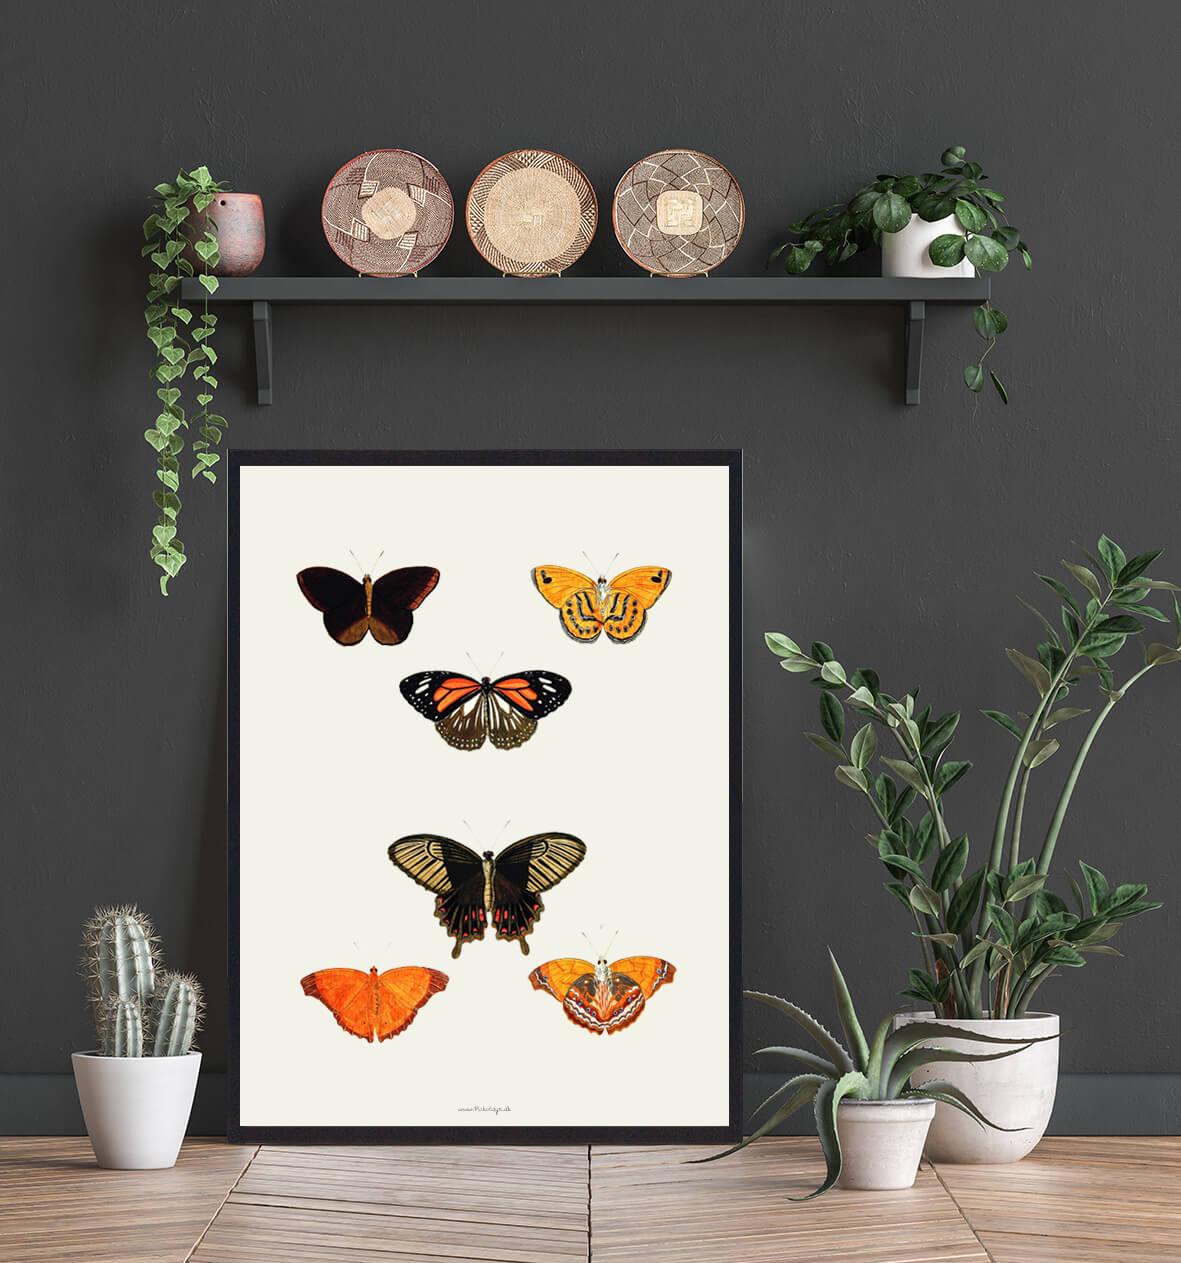 plakat-med-sommerfugle-bolig-3